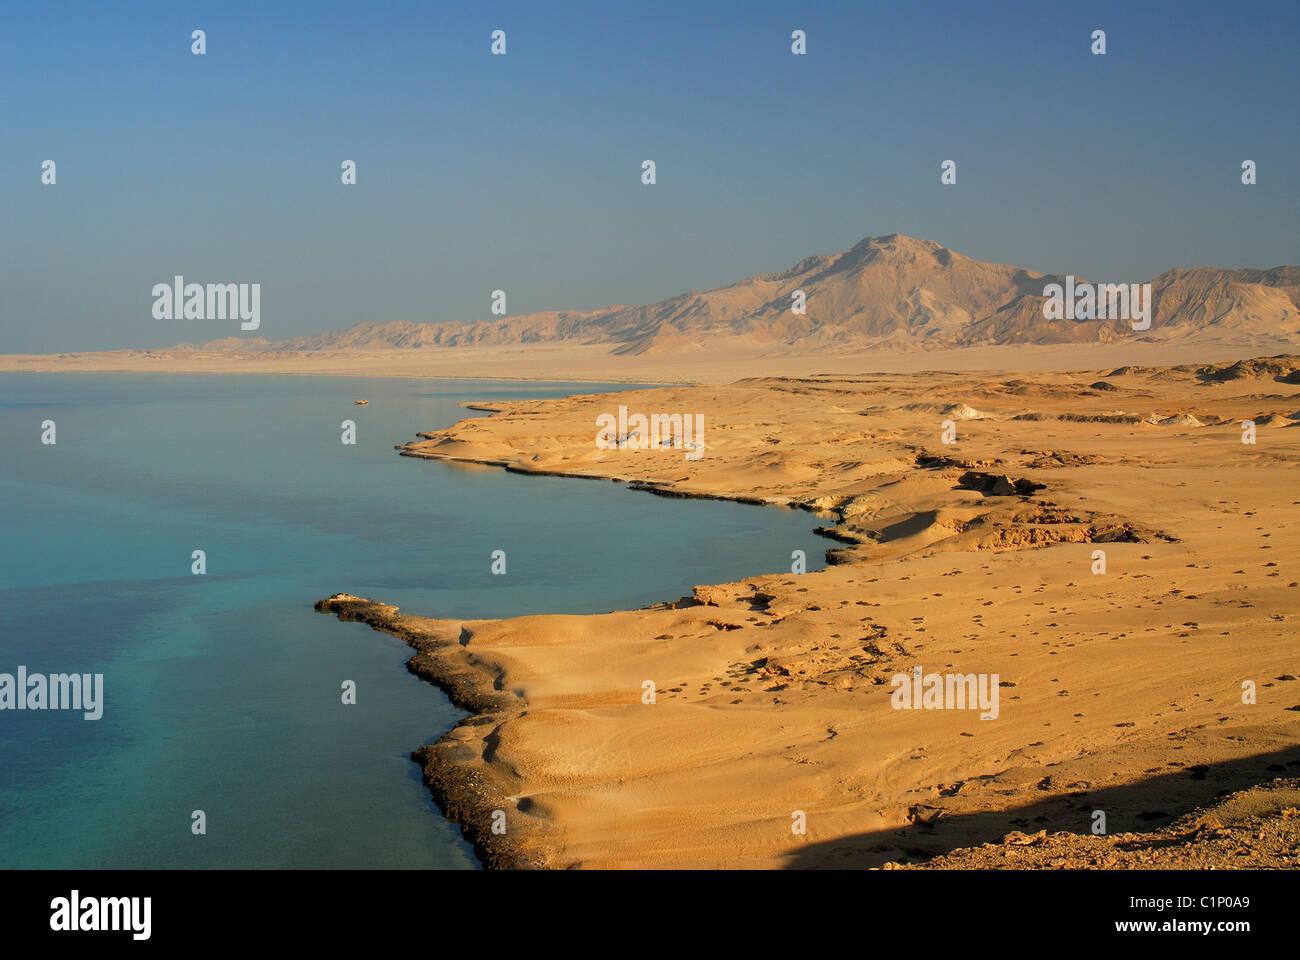 Ägypten, Tiran Insel in der Nähe von Sharm el Sheikh Stockbild